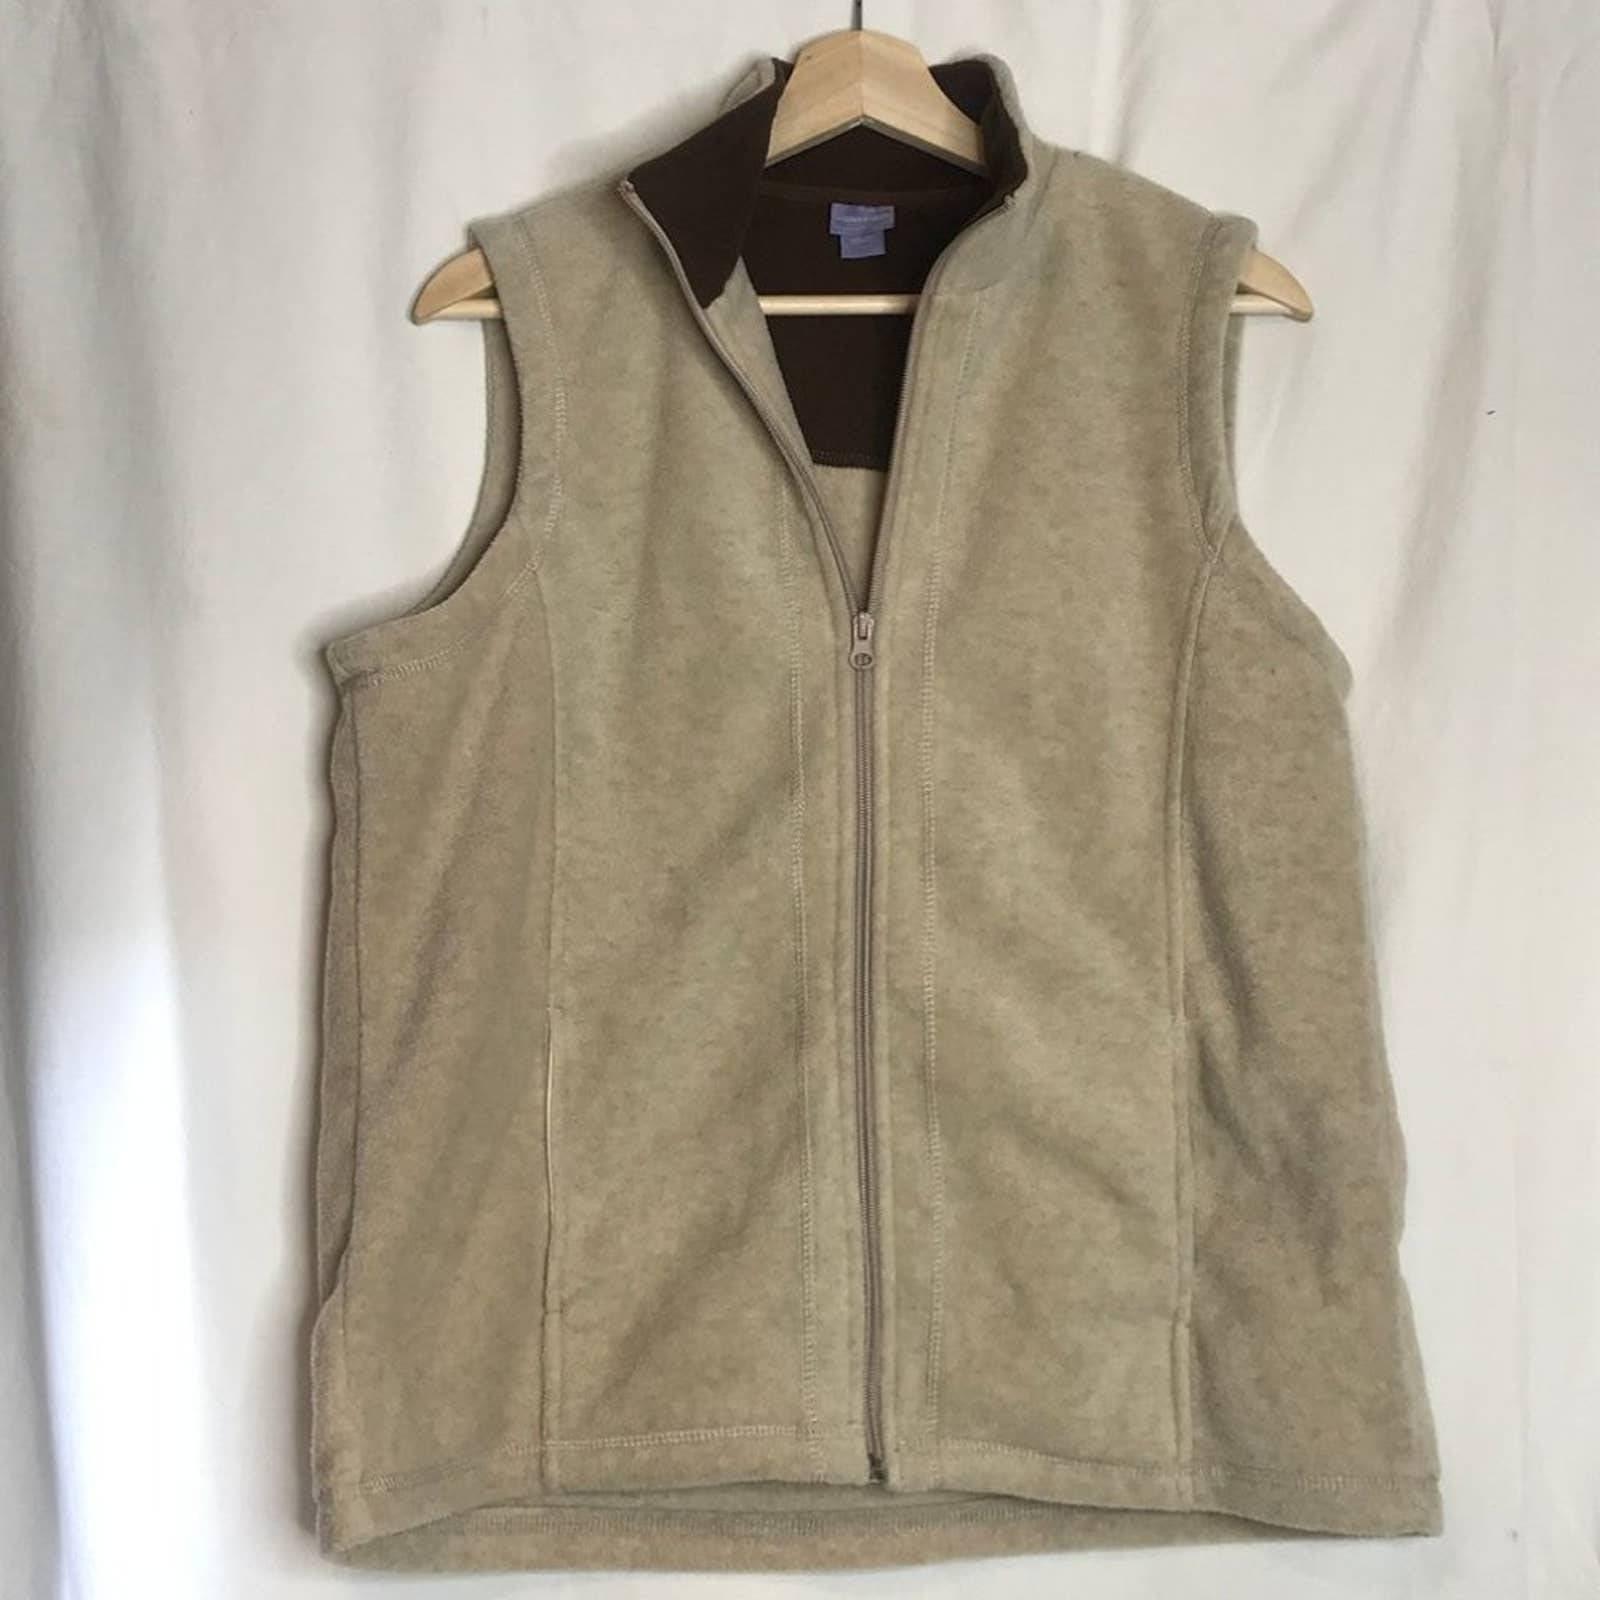 LAURA SCOTT Tan Fleece Vest Tan Brown S